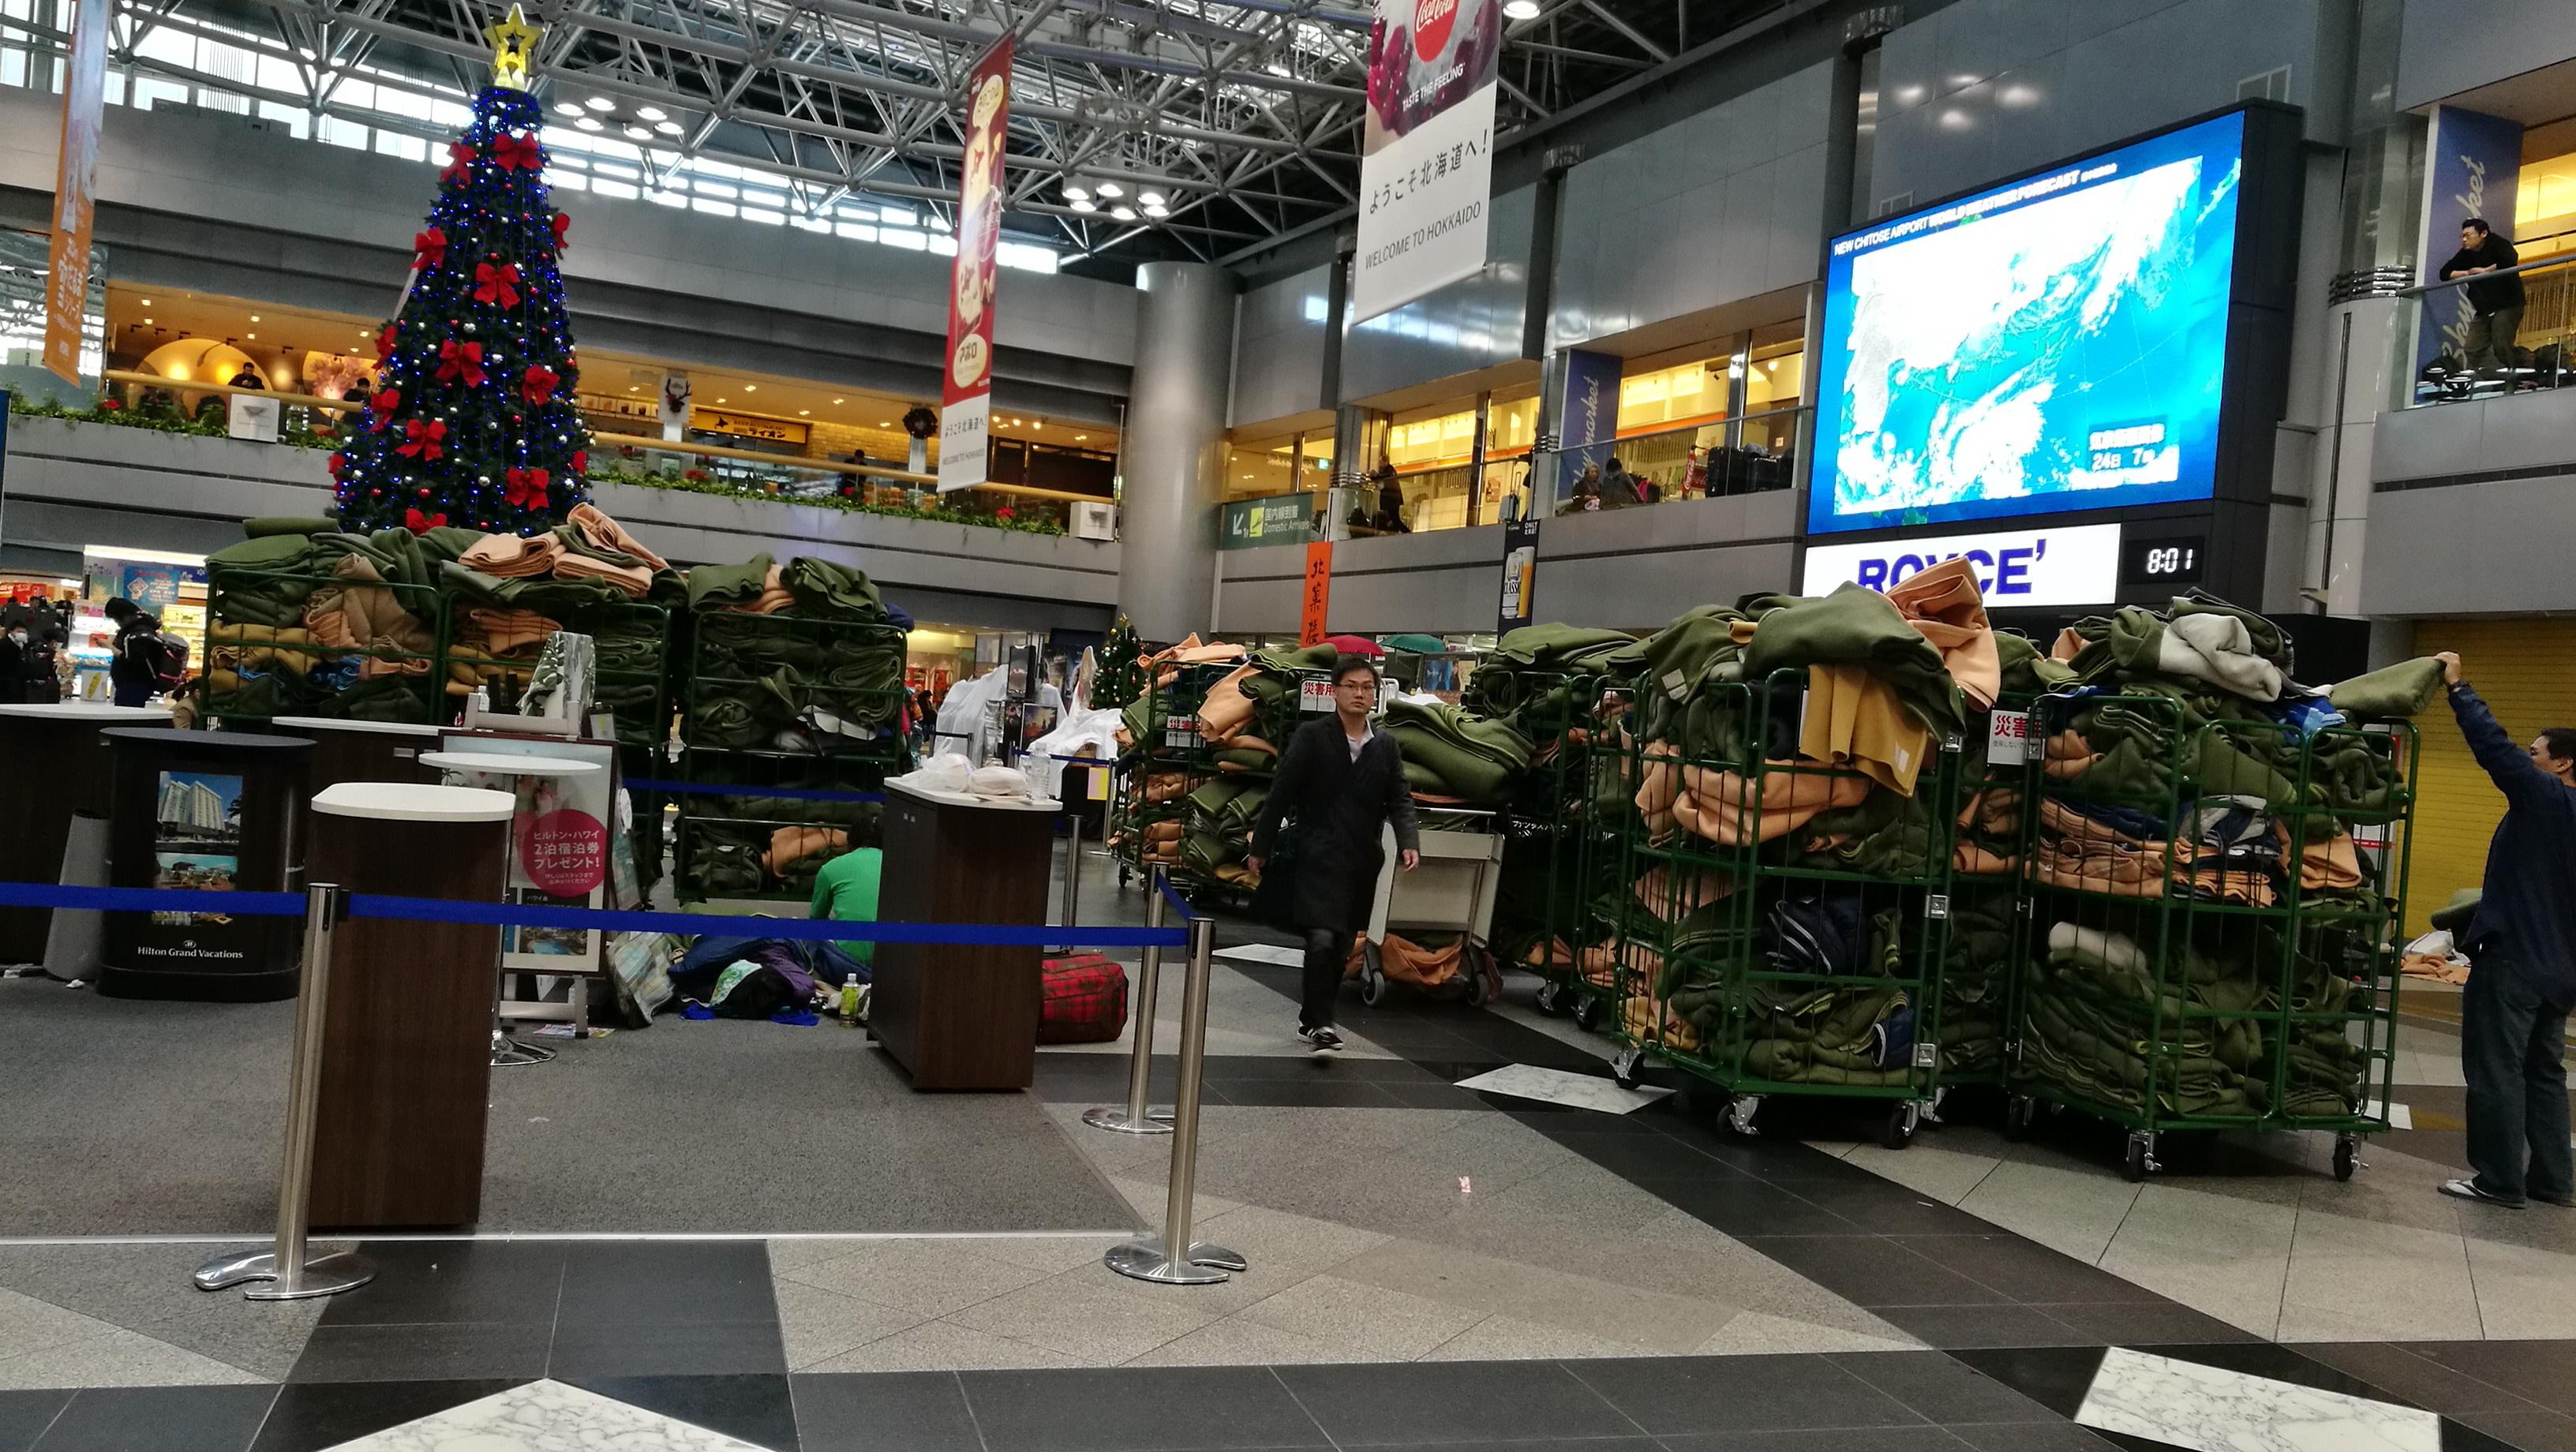 เที่ยวฮอกไกโด ที่เที่ยวฮอกไกโด สนามบินญี่ปุ่น สนามบินฮอกไกโด